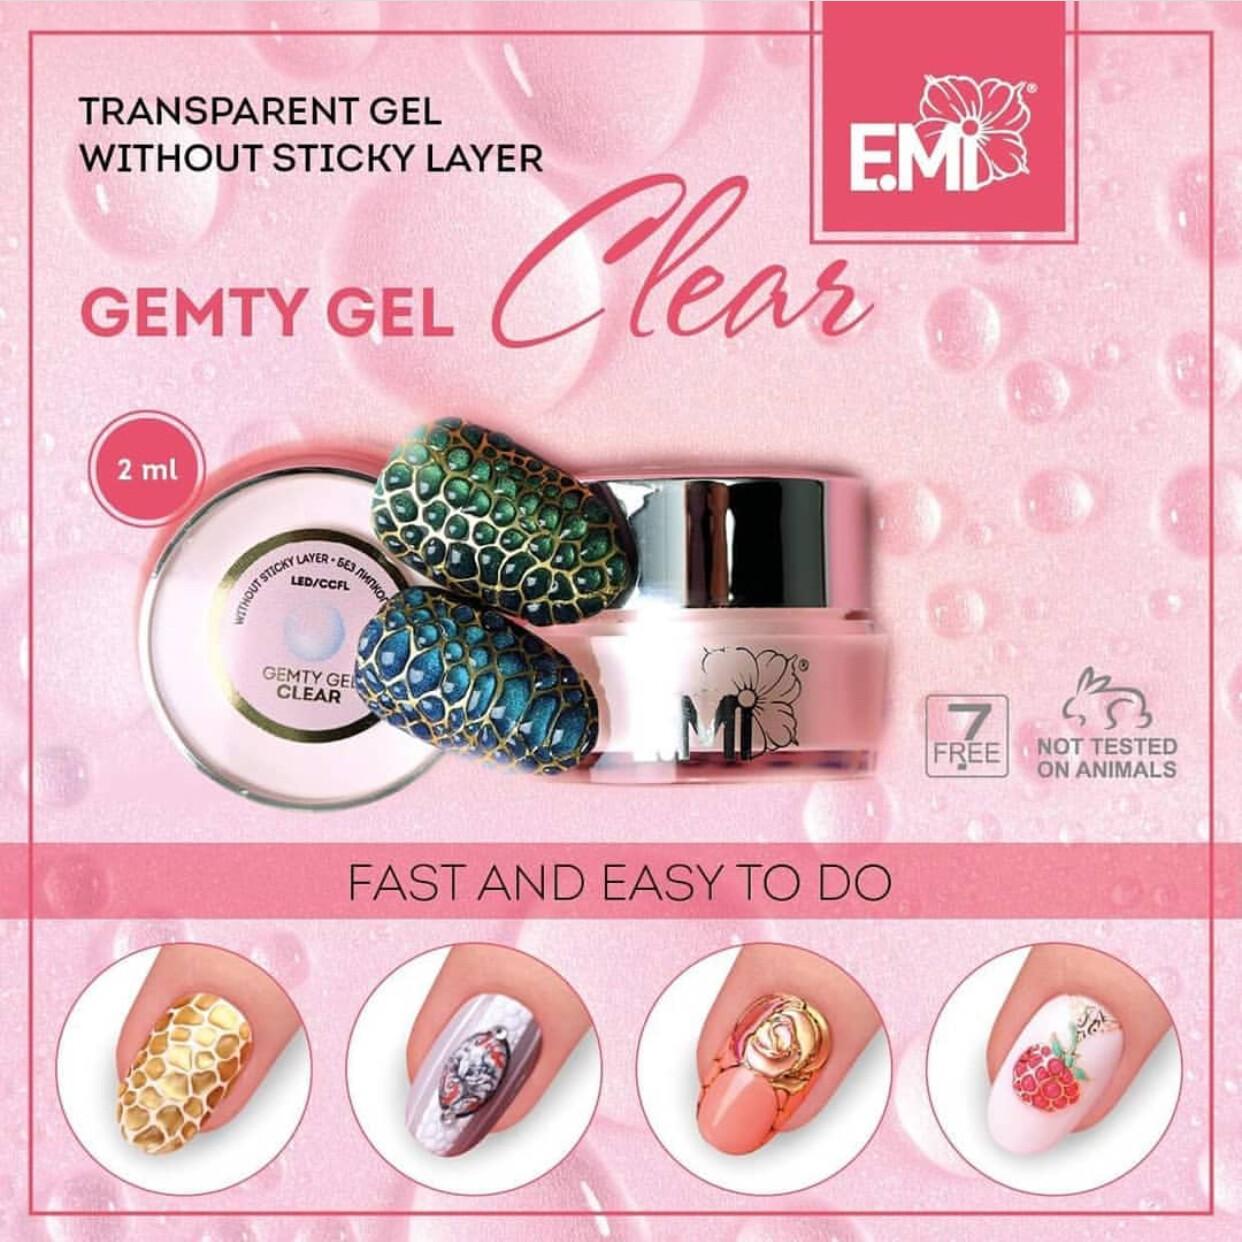 Gemty Clear 2 ml.